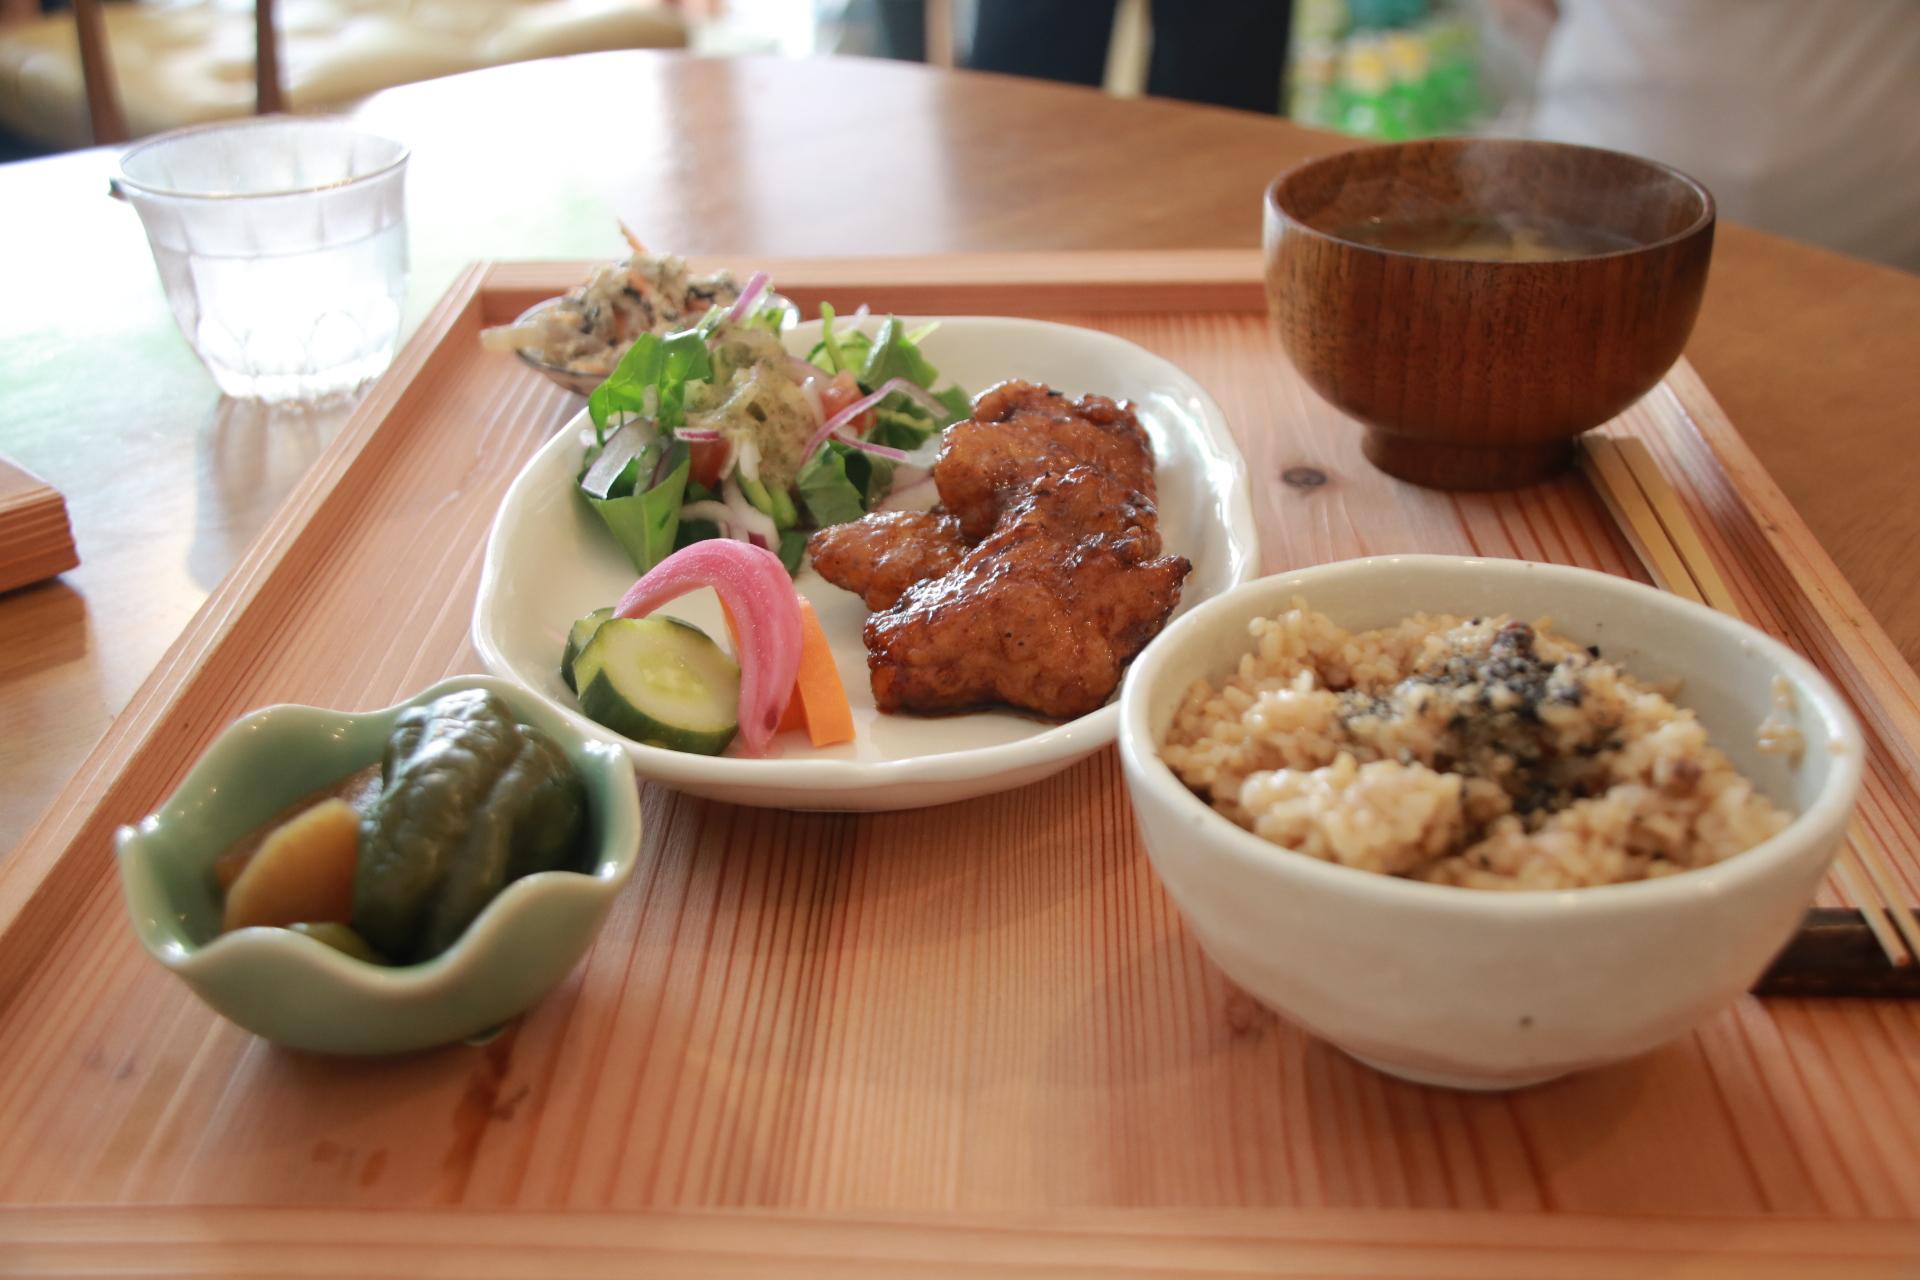 松山市三津浜地区にオープン!体が喜ぶ健康ランチが食べられる「自然派食堂vegetable」に初潜入してきました!